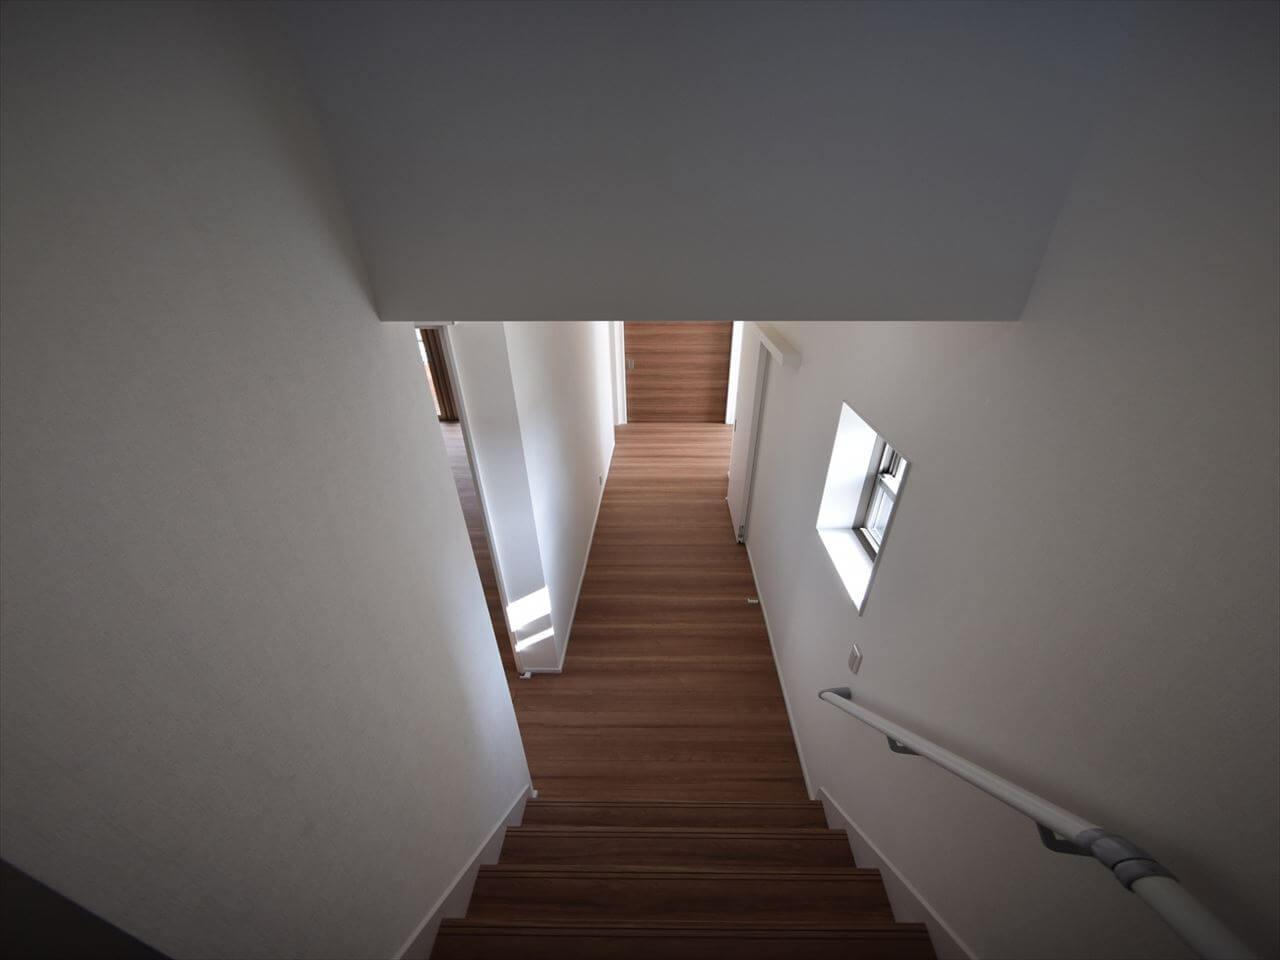 迎原の家:階段室から1階廊下方向